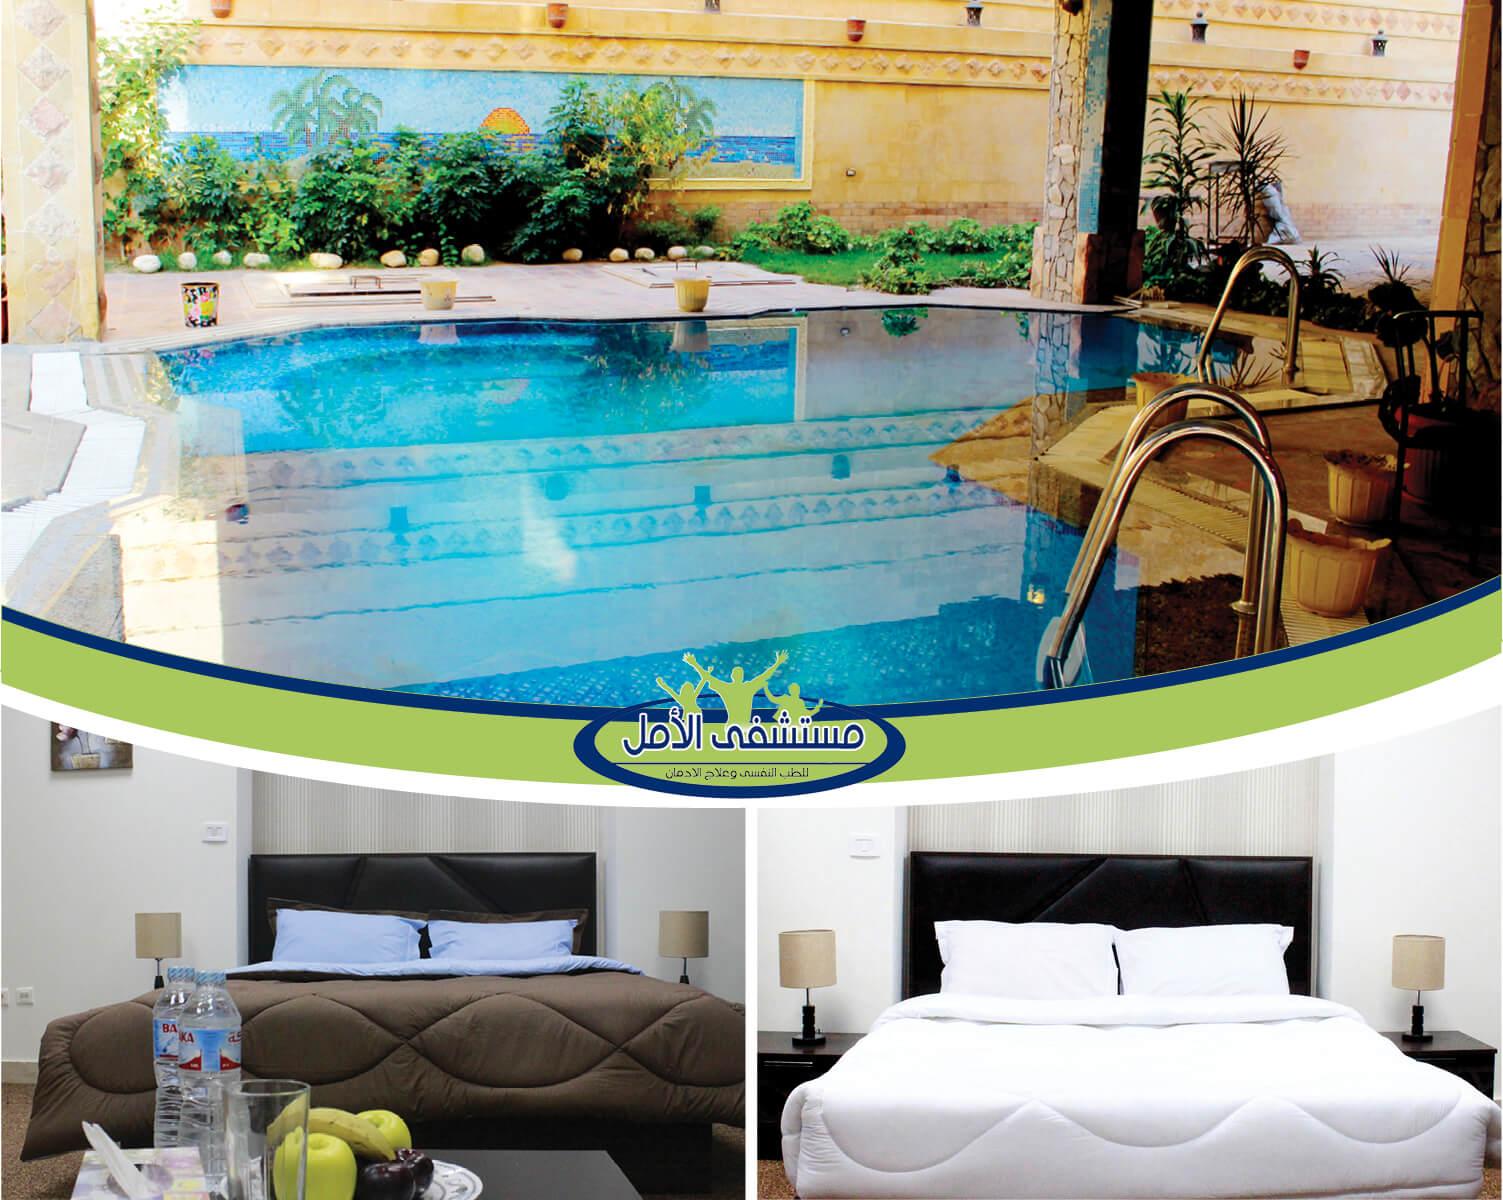 تجربة الإقامة لدينا ستشعرك كأنك فى المنزل  أجنحة فندقية.. غرف منفردة.. غرف مزدوجة.. غرف جماعية